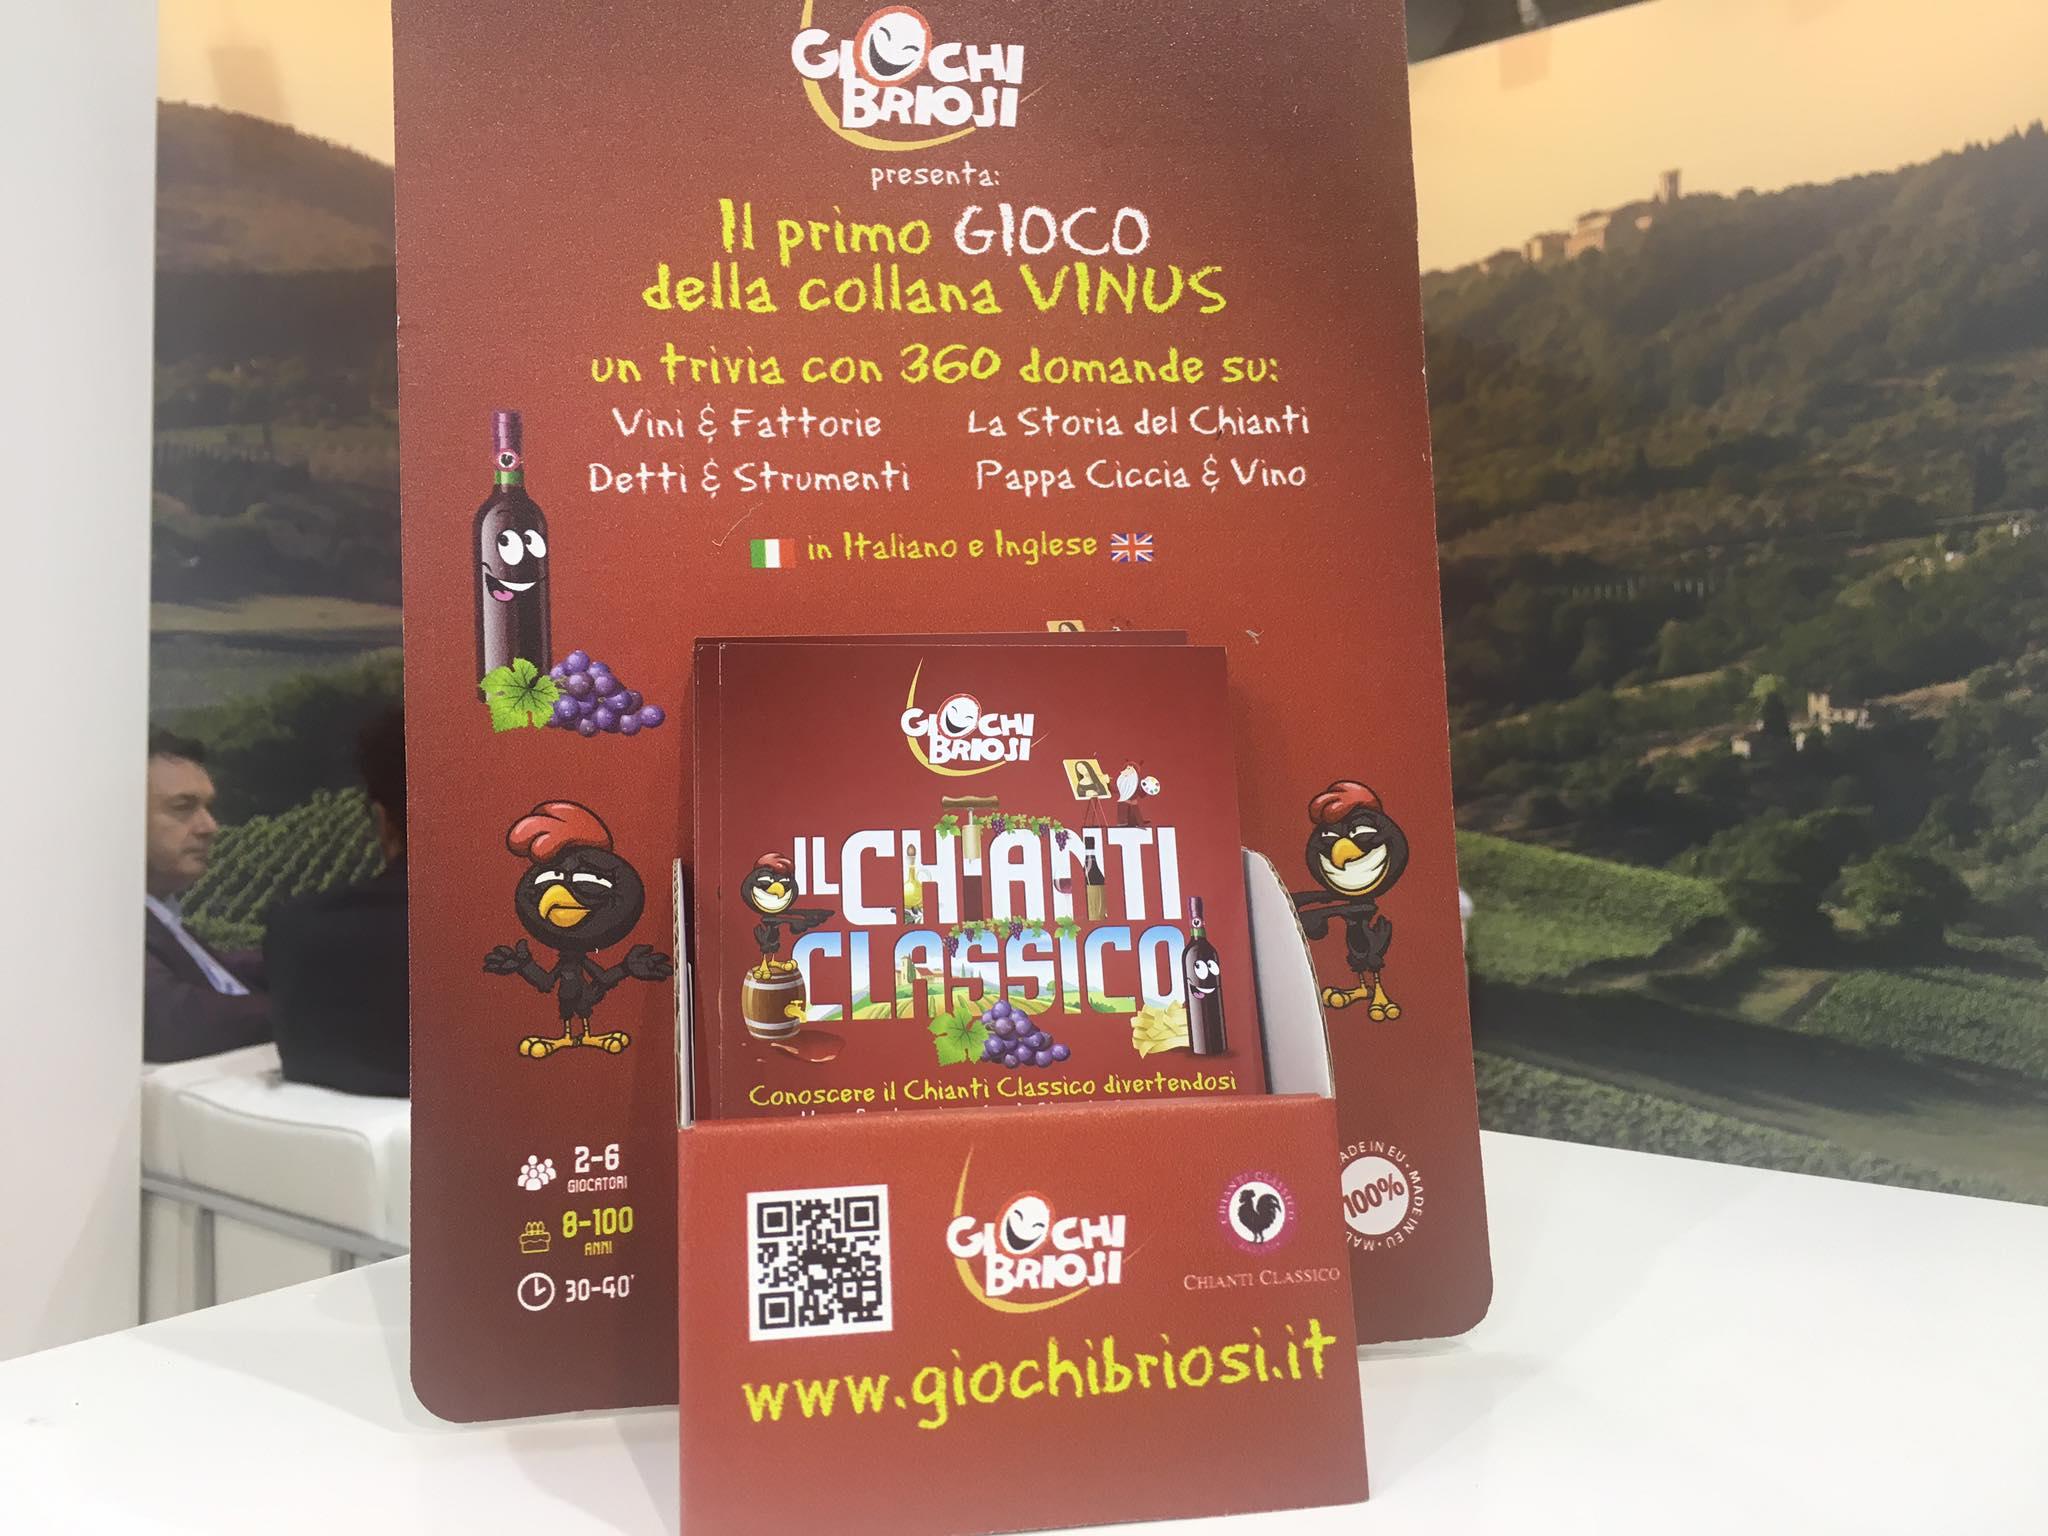 Chianti Classico - Vinitaly 2017